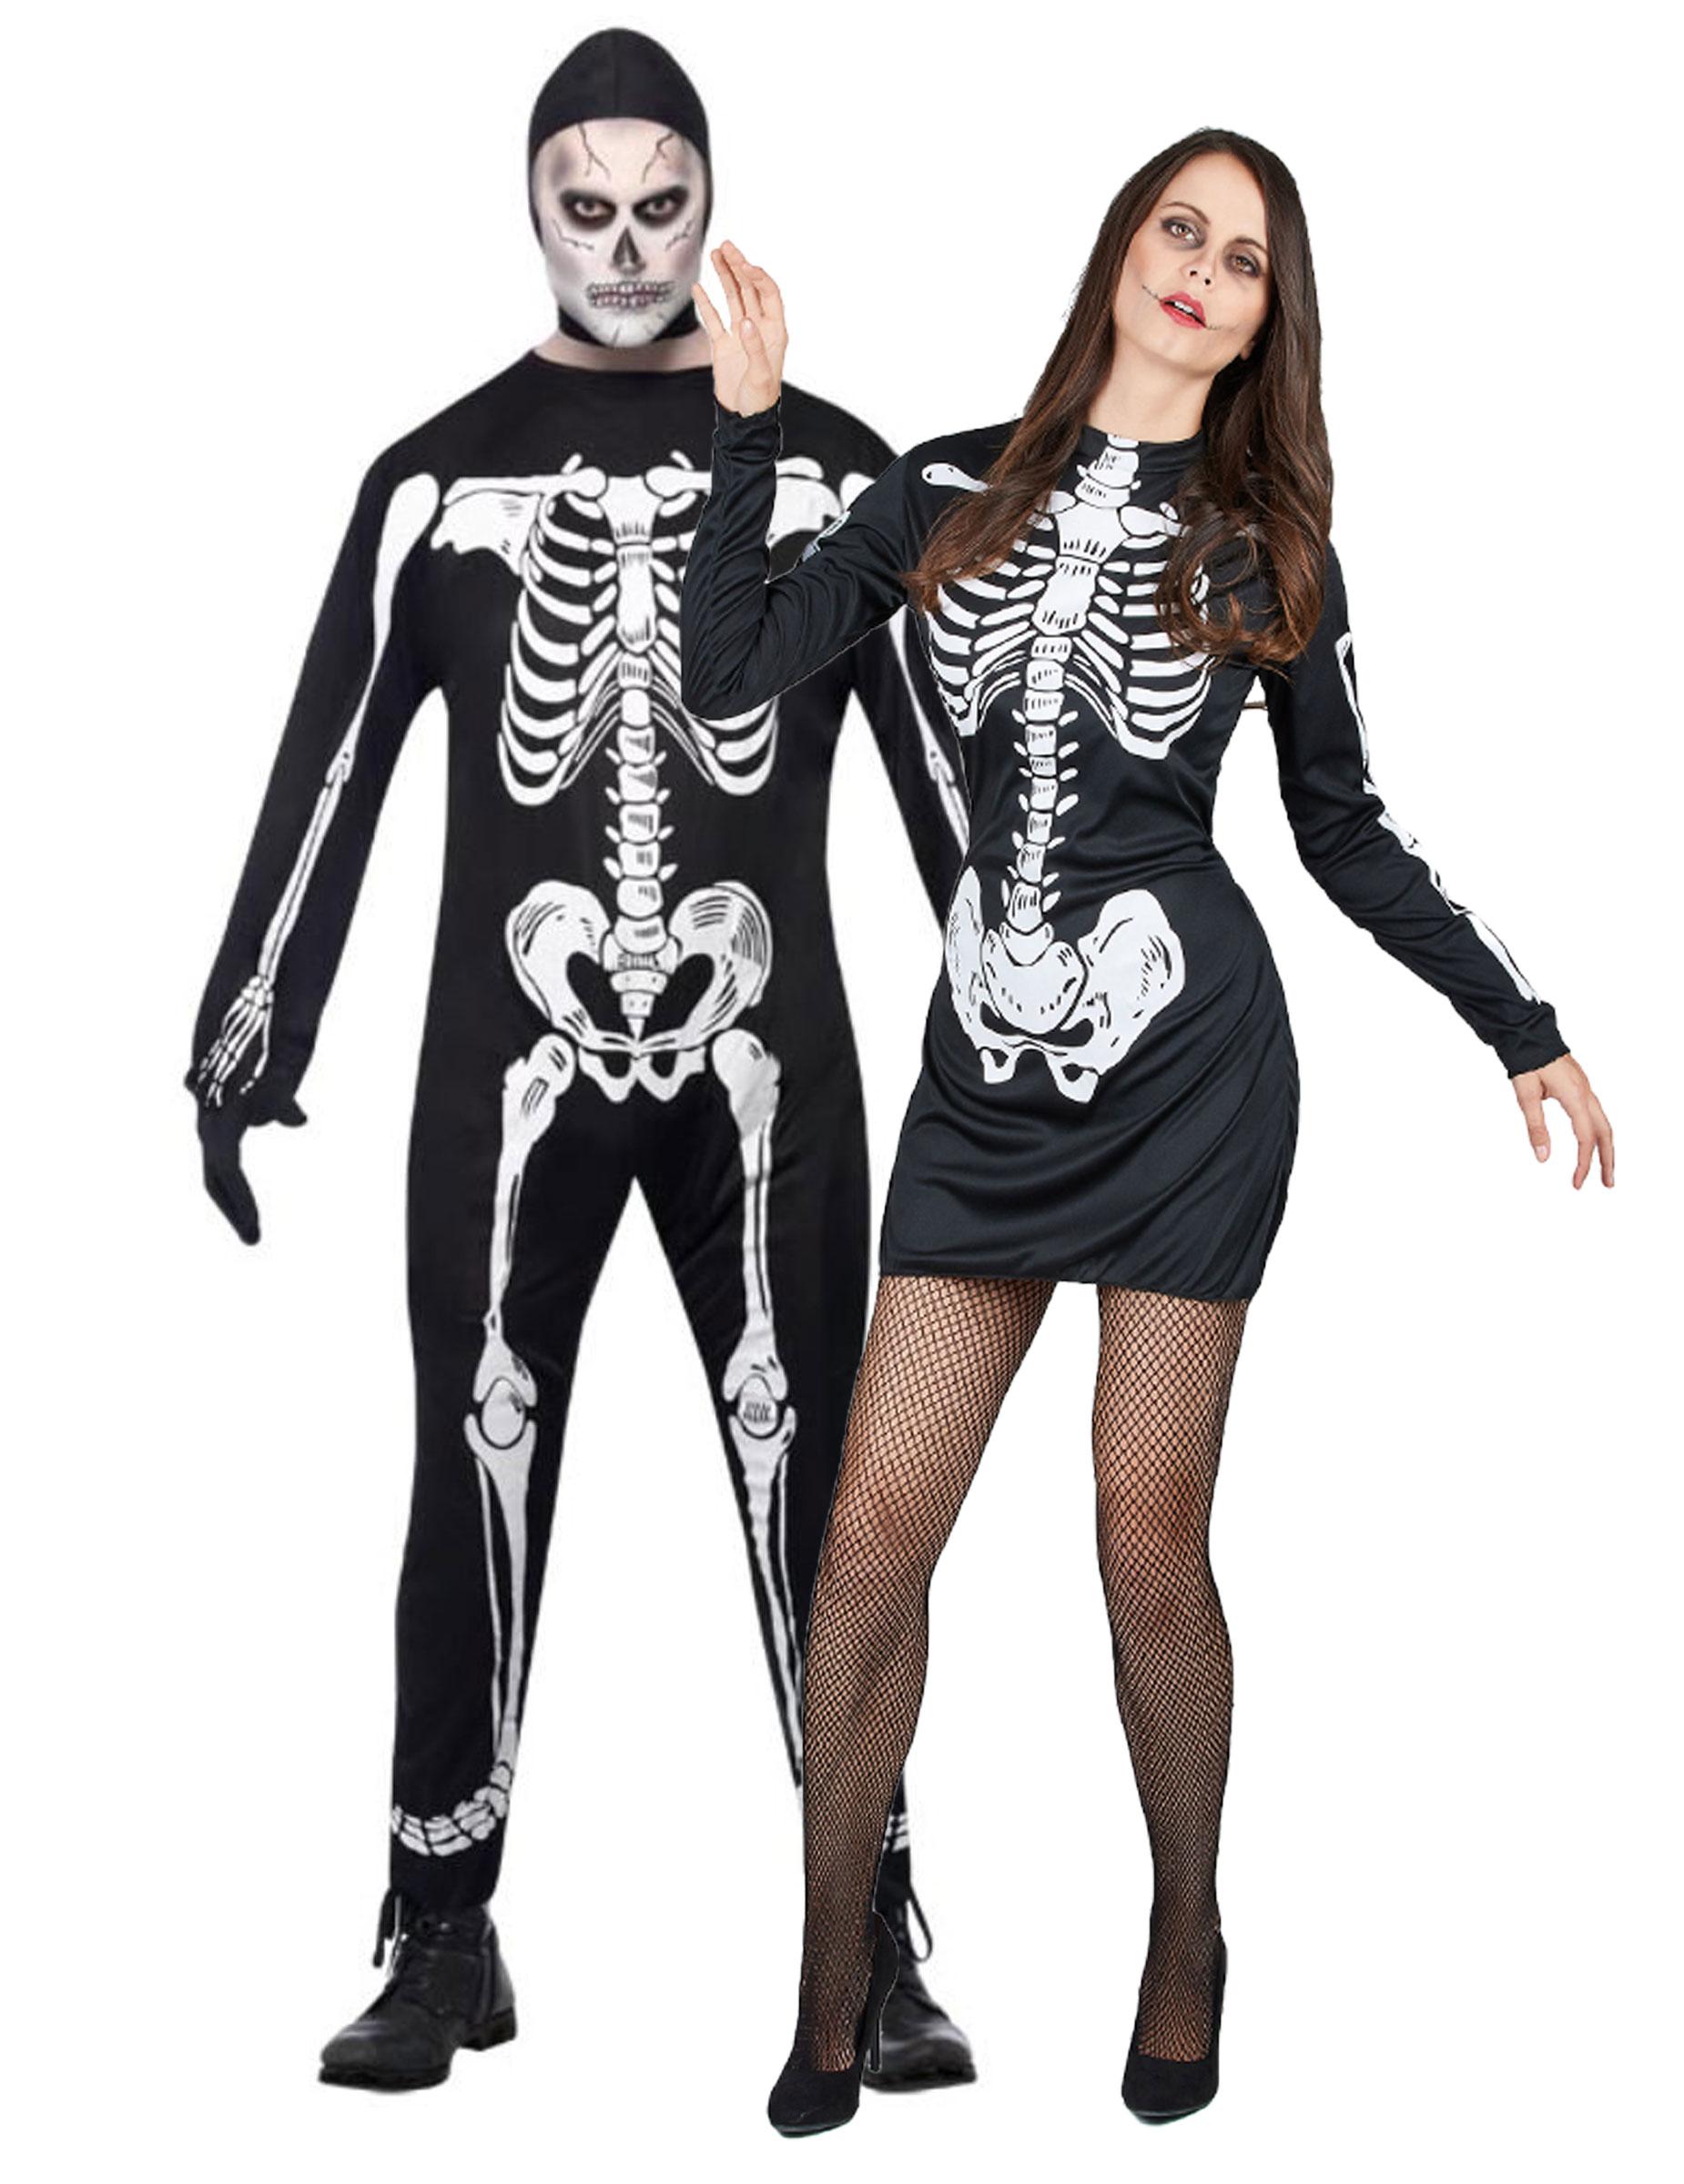 Costumi Halloween Di Gruppo.Costumi Halloween Coppia Travestimenti Di Coppia Per Un Halloween